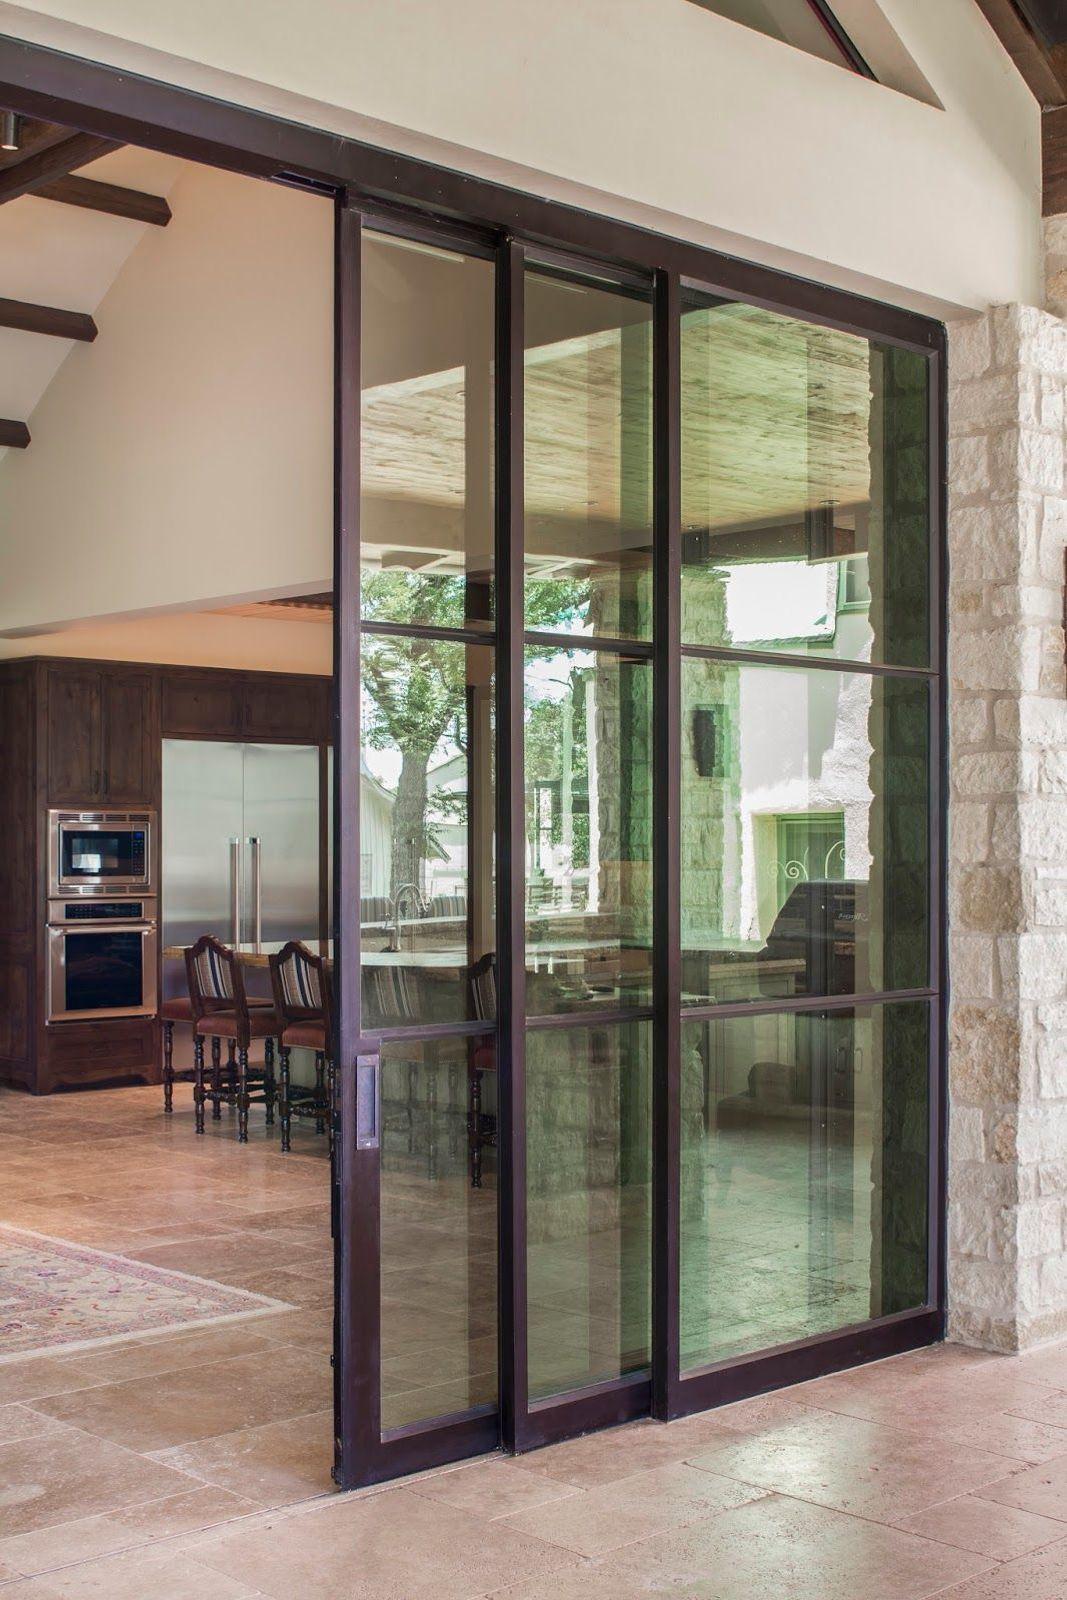 Home Glass Door Window Sliding Door Sliding Glass Door Patio Vehicle Door Automotive Exterio In 2020 Steel Doors And Windows Sliding Door Design Sliding Doors Interior